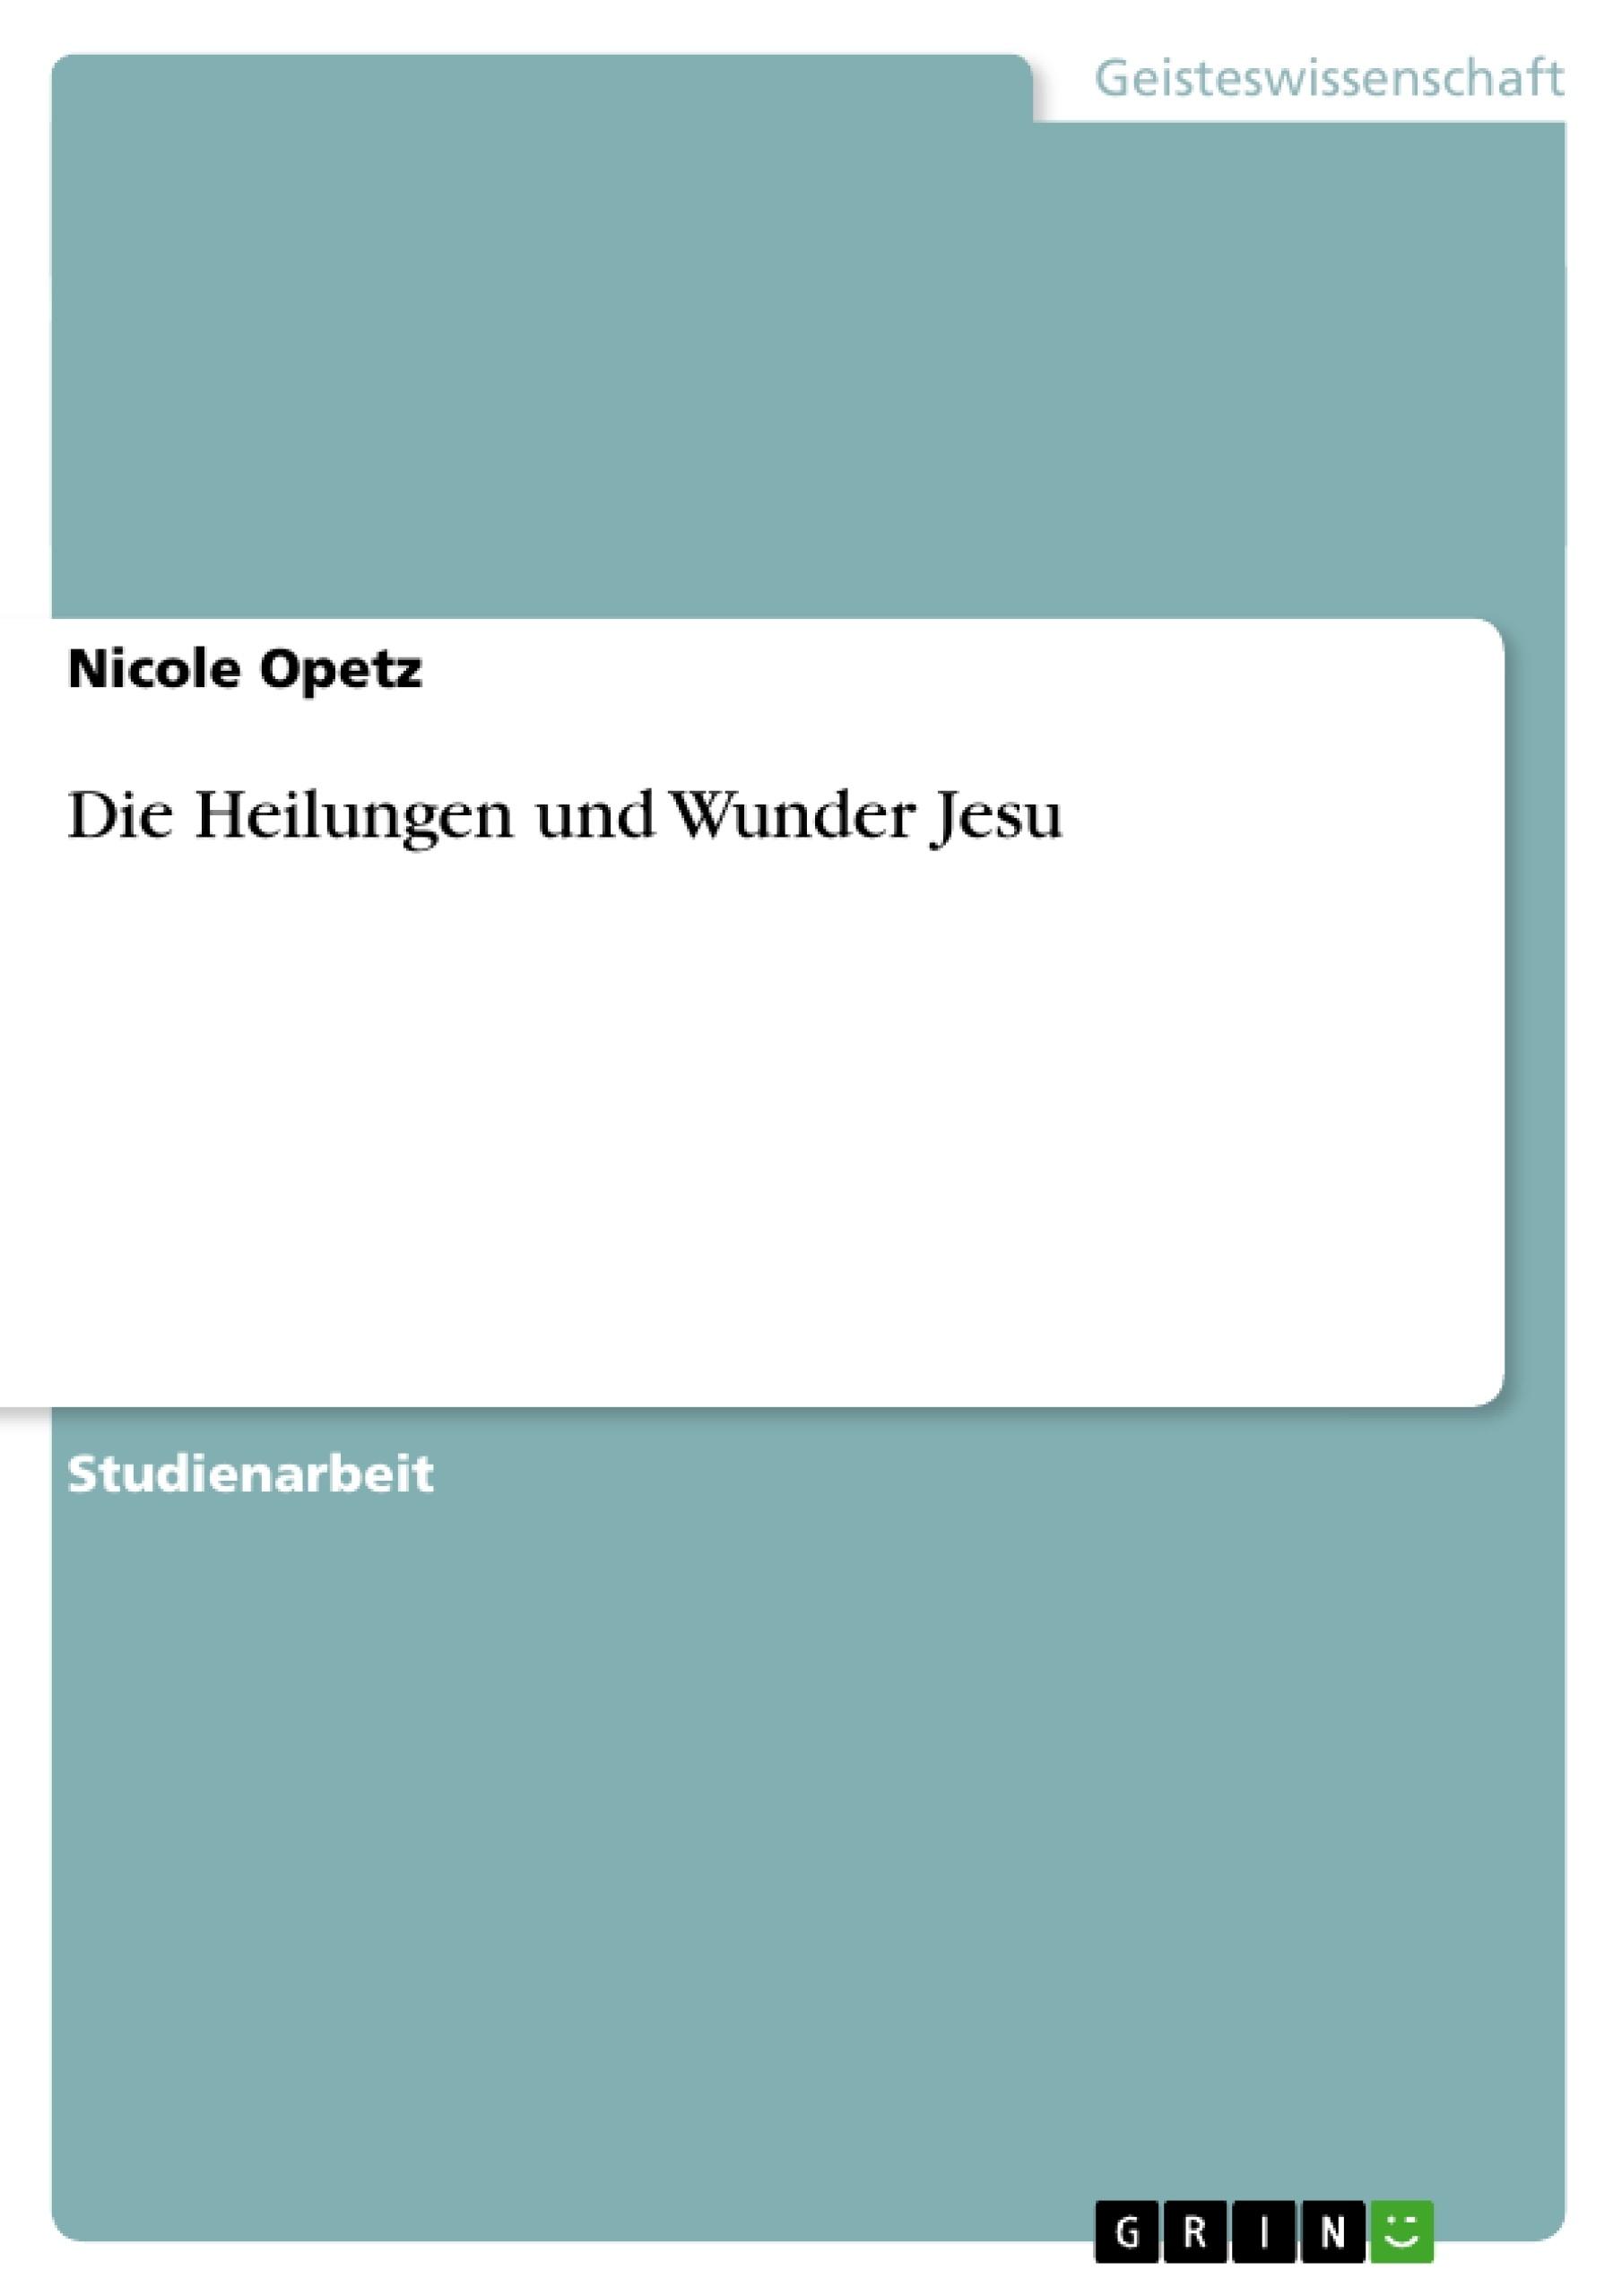 Titel: Die Heilungen und Wunder Jesu